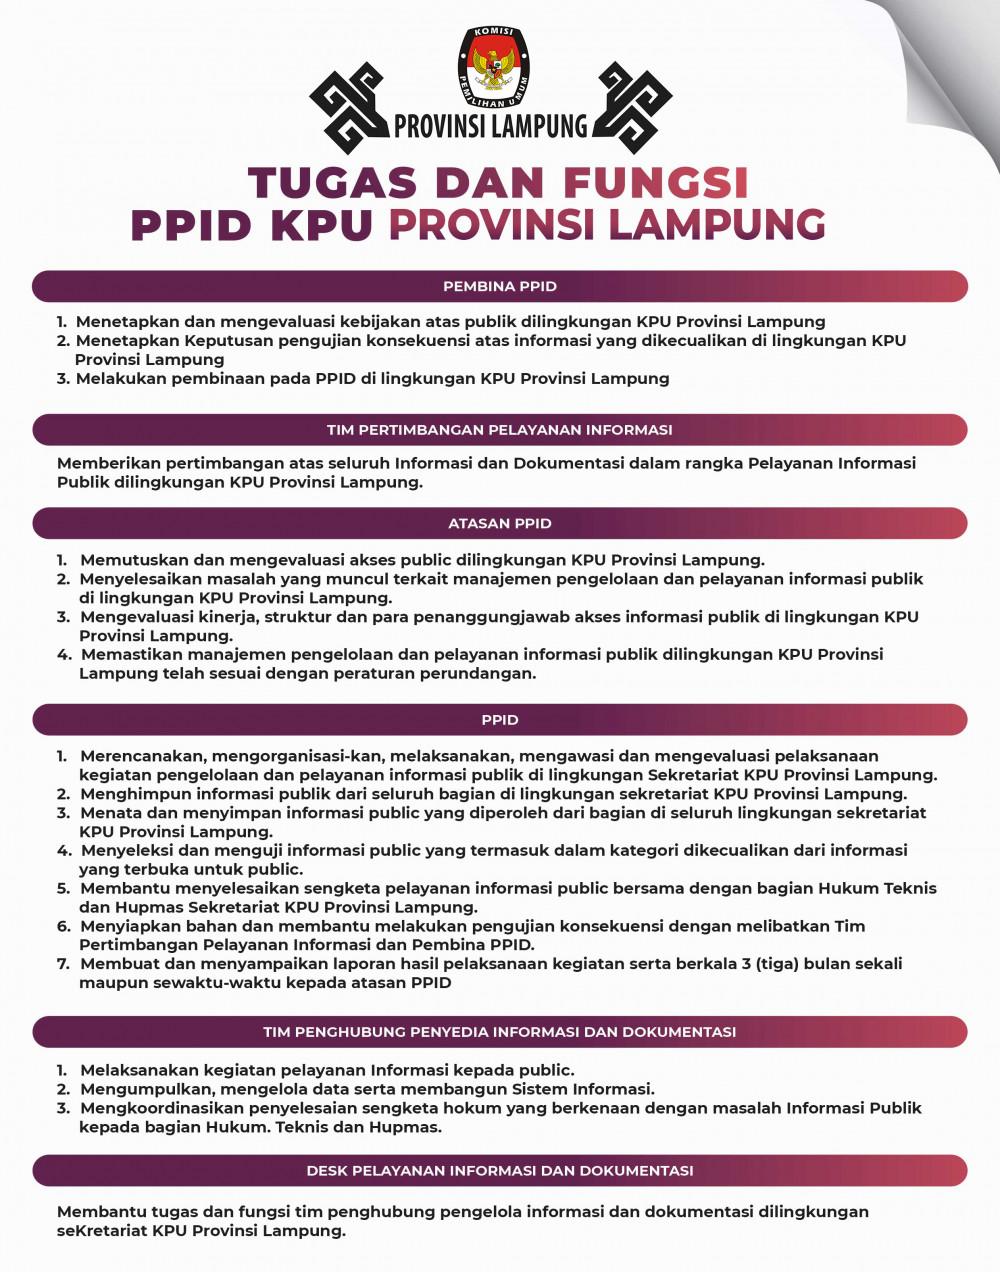 Tugas dan Fungsi PPID KPU Provinsi Lampung